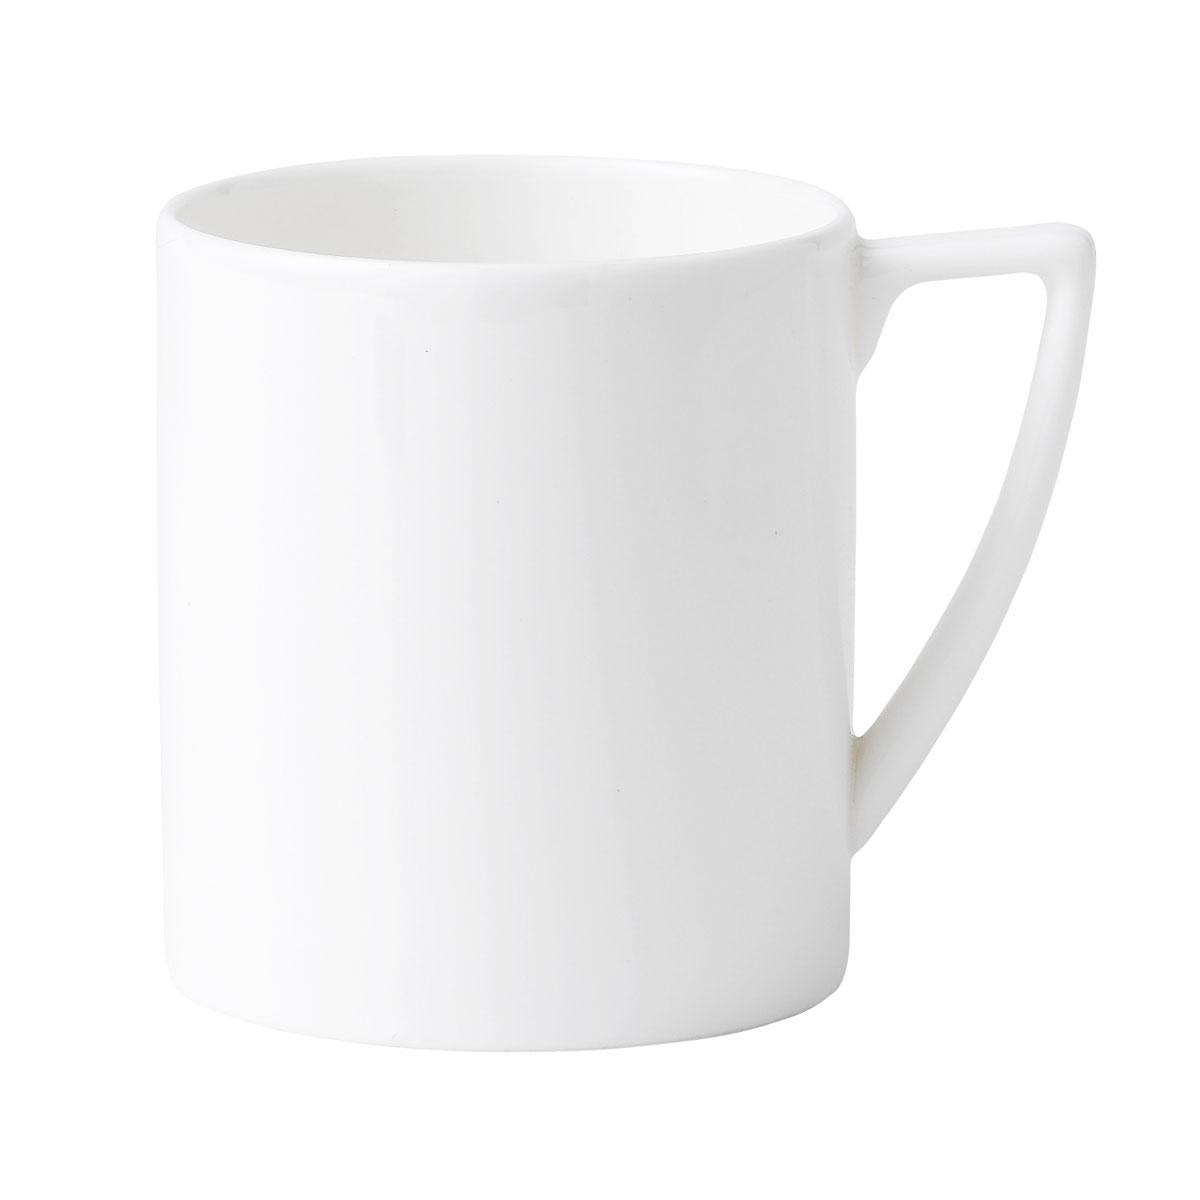 Wedgwood Jasper Conran White Mini Mug, Single